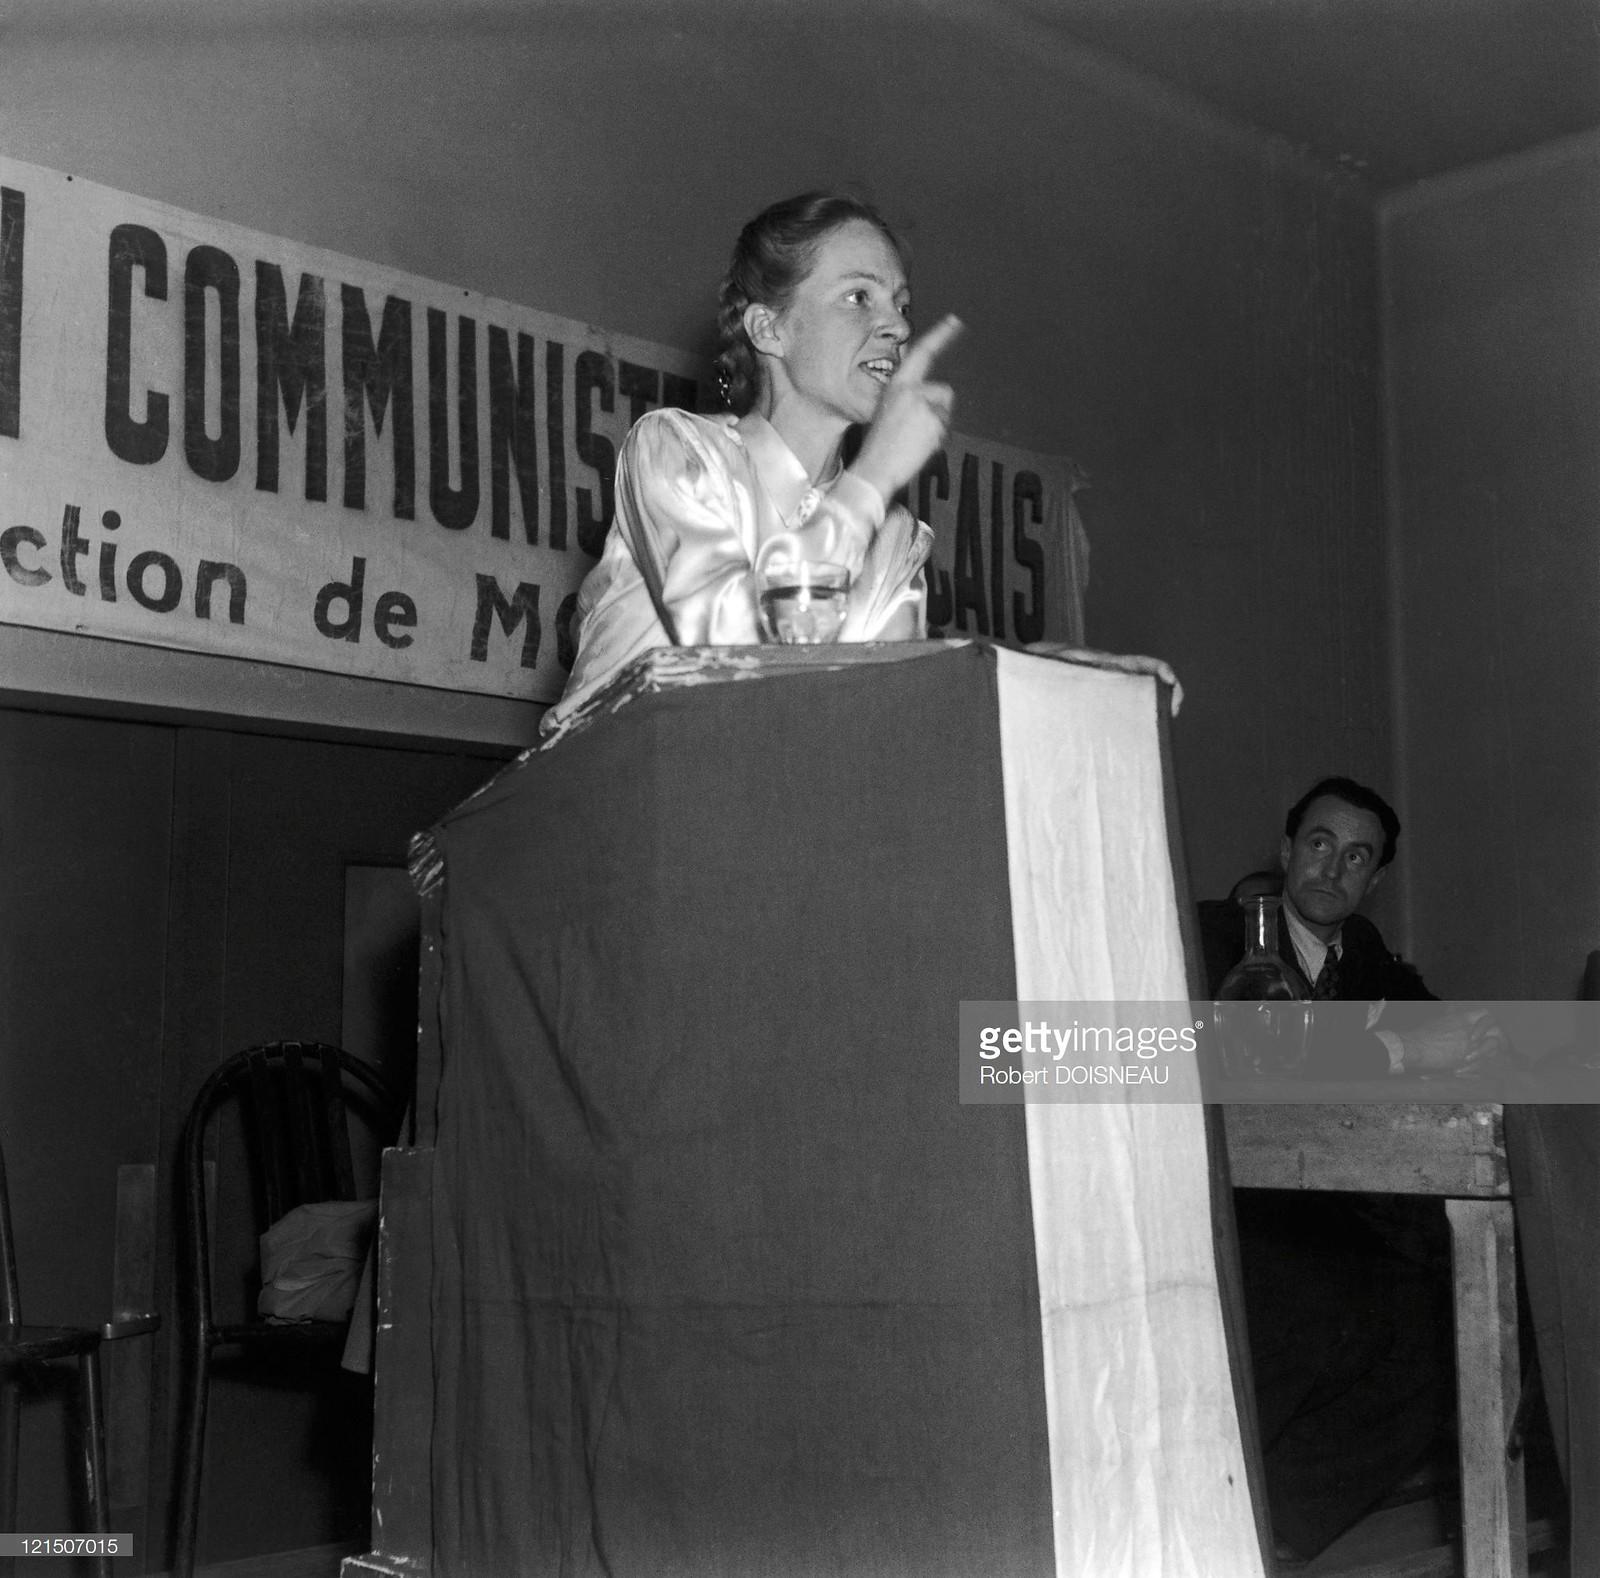 1950. Мари Клод Вайян-Кутюрье, французский политик, деятель Международного демократического женского движения, генеральный секретарь Международной демократической федерации женщин в 1945—1954 году